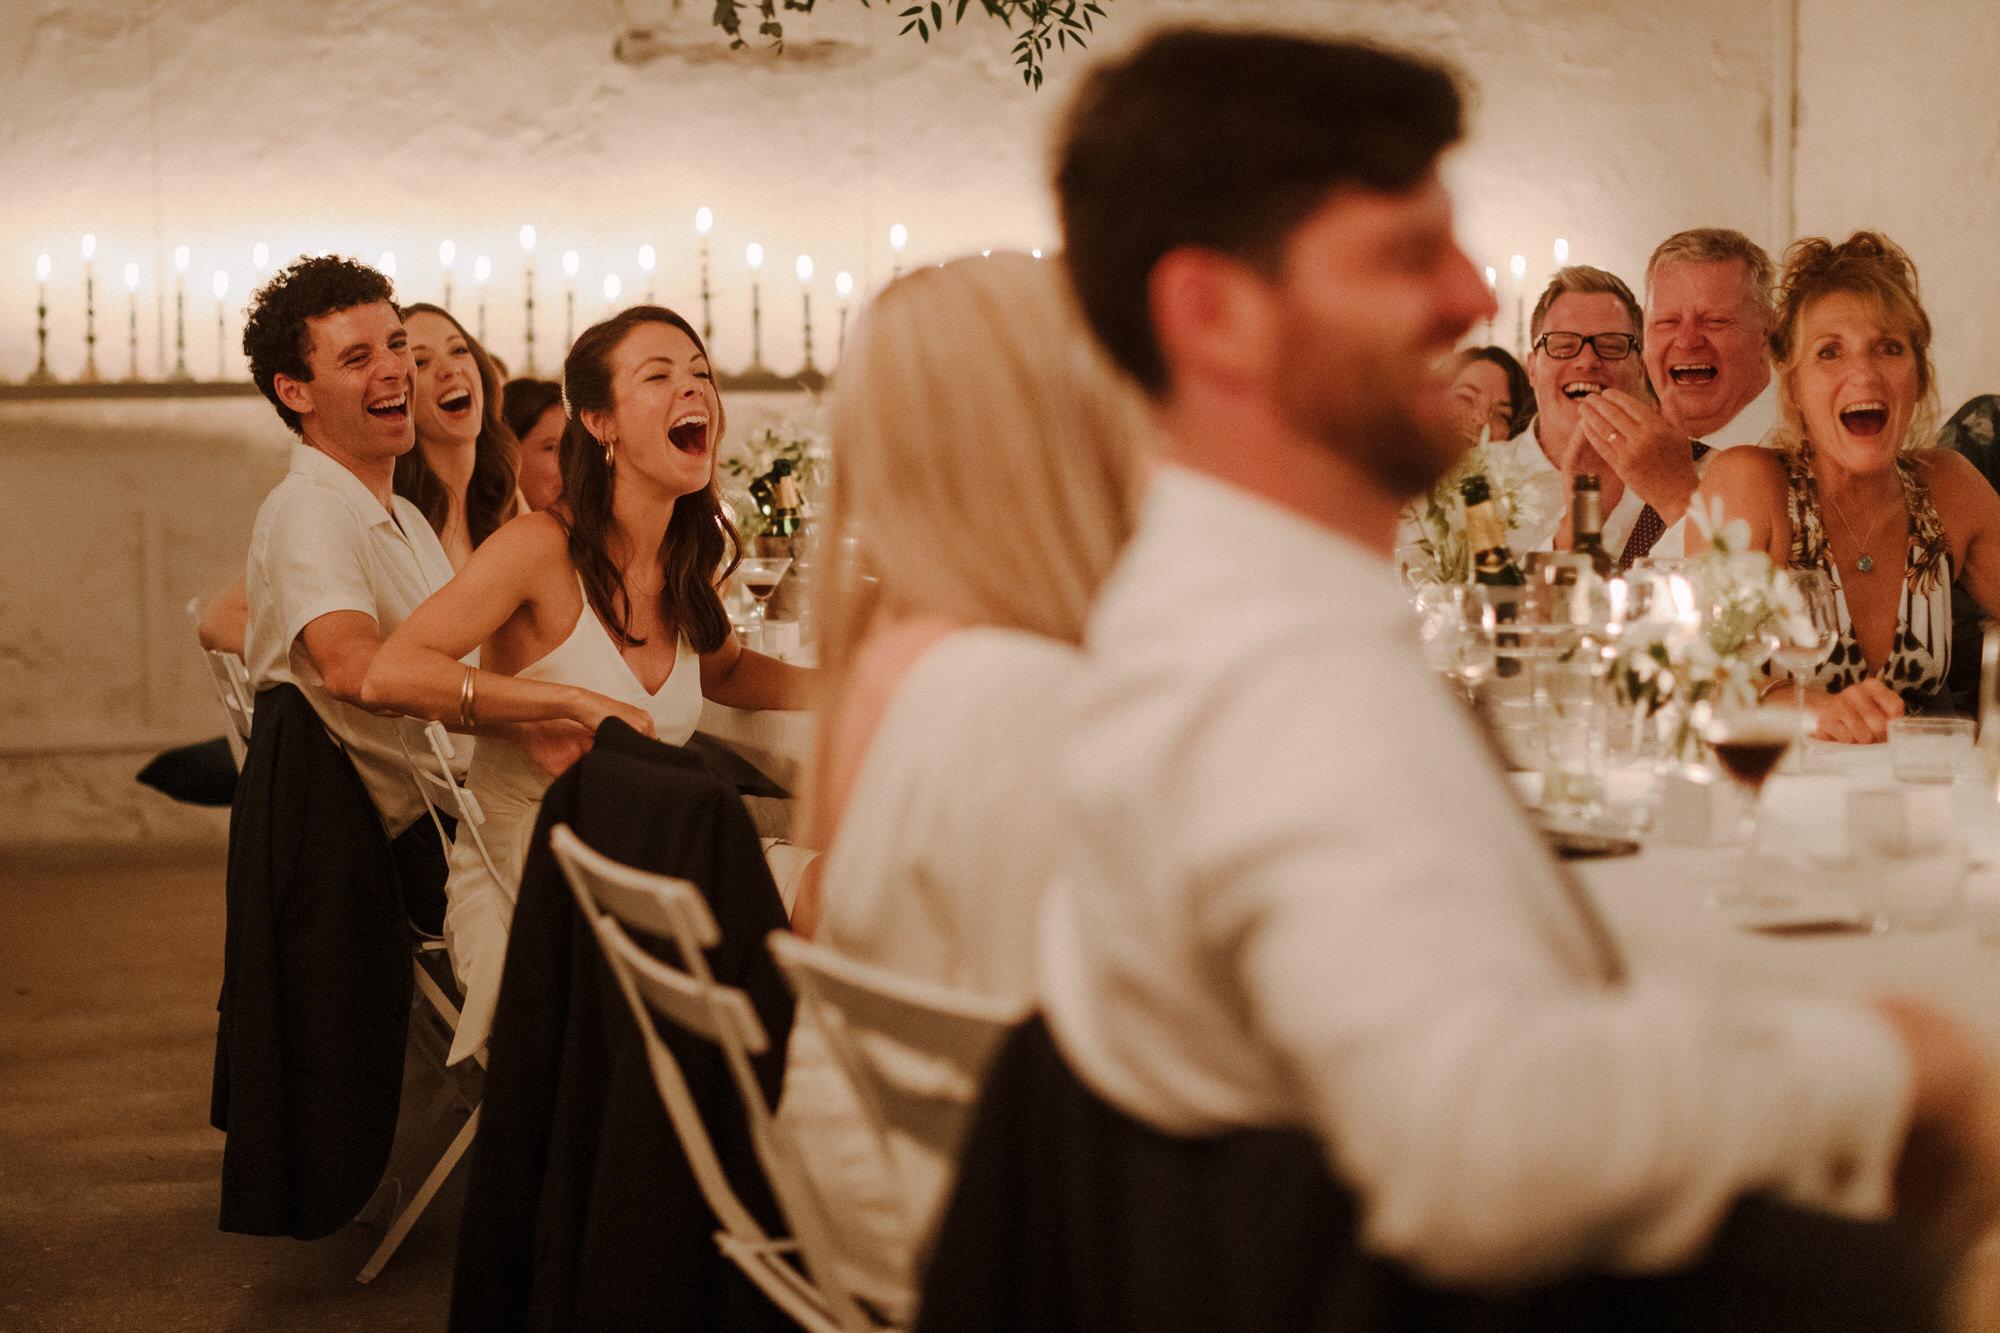 Chateau Rigaud Wedding Photography 20-37-16-1Q5A3738-R+L.jpg